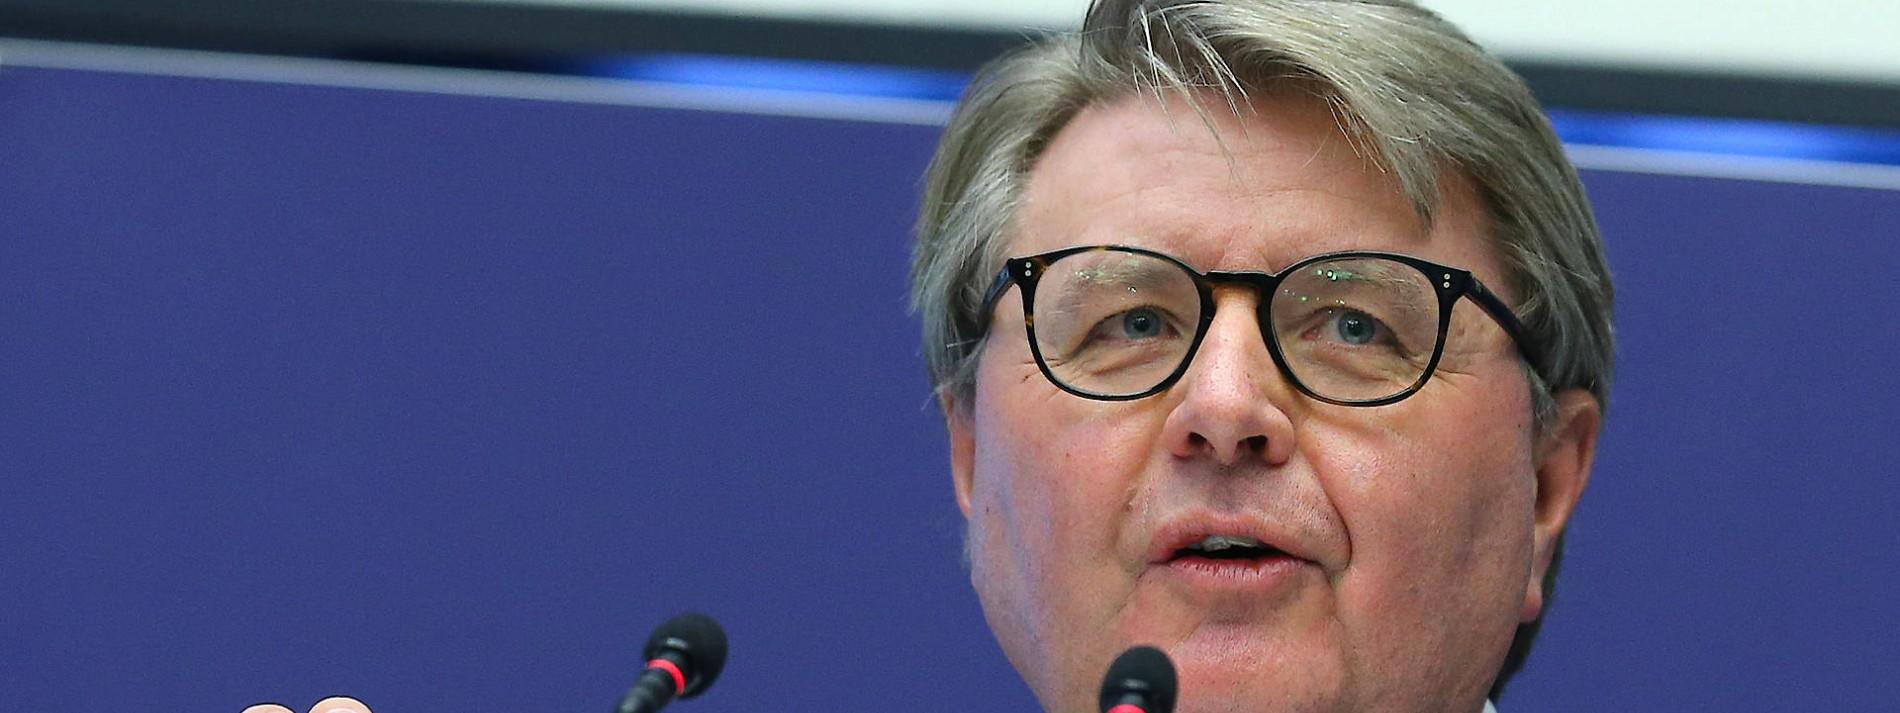 Deutsche Börse schlägt Vergrößerung des Dax auf 40 Werte vor